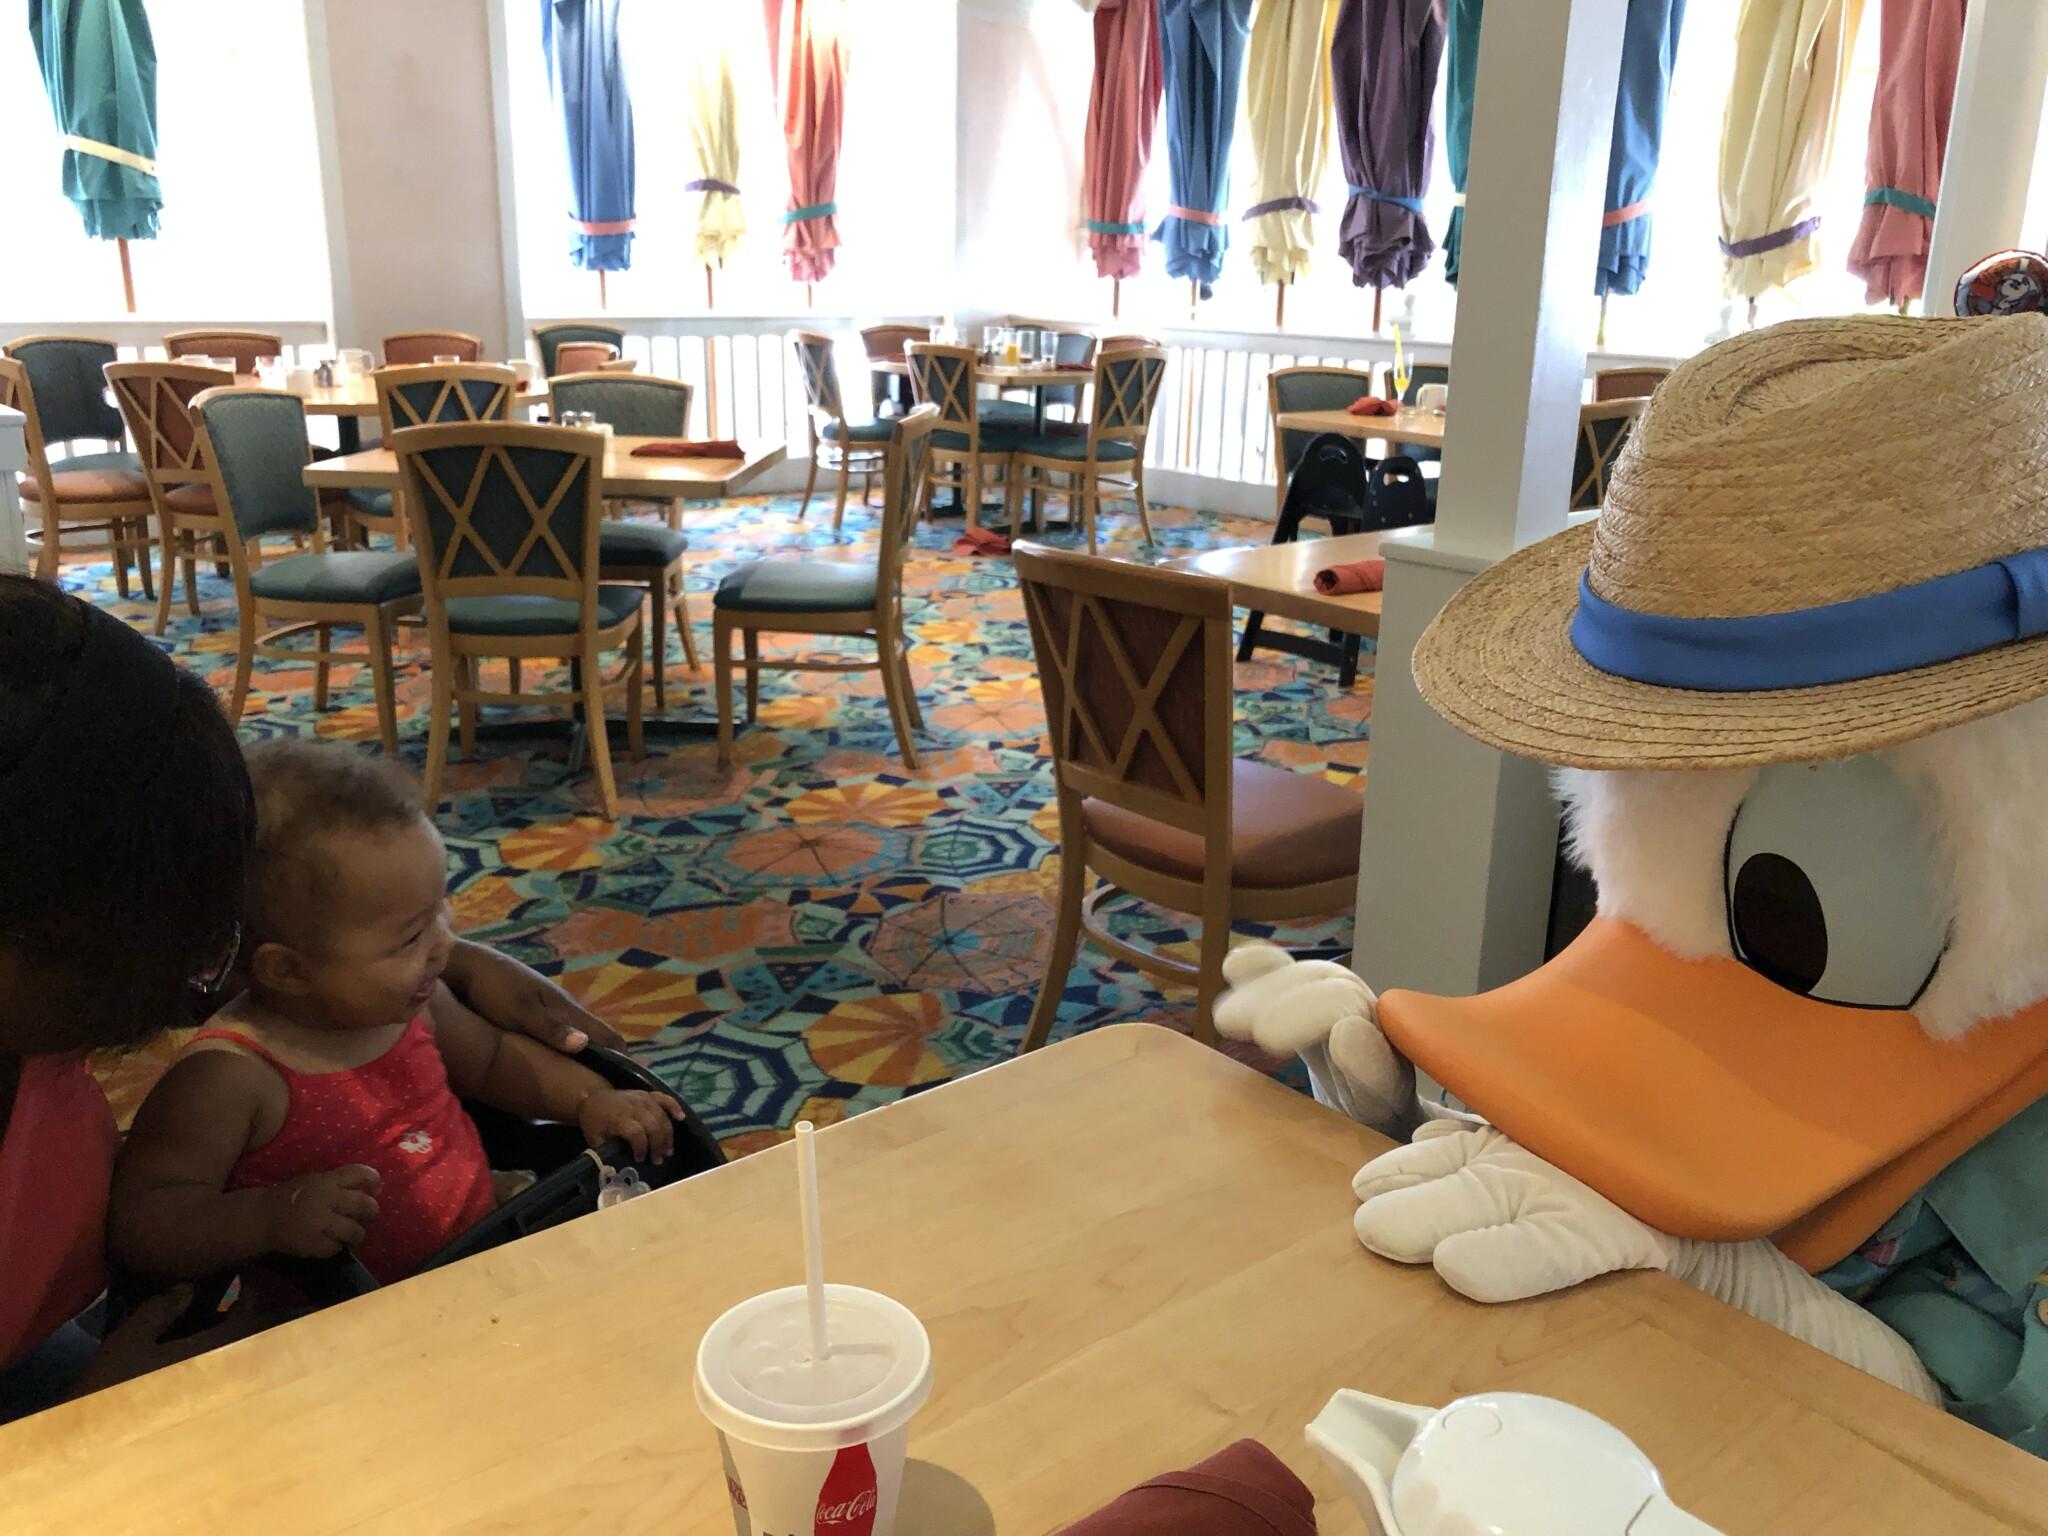 2 semaines en Floride avec un bébé de 1 an - Séjour du 2 au 16 mai 2019 DCL + WDW - Page 18 IMG_7409-2048x1536